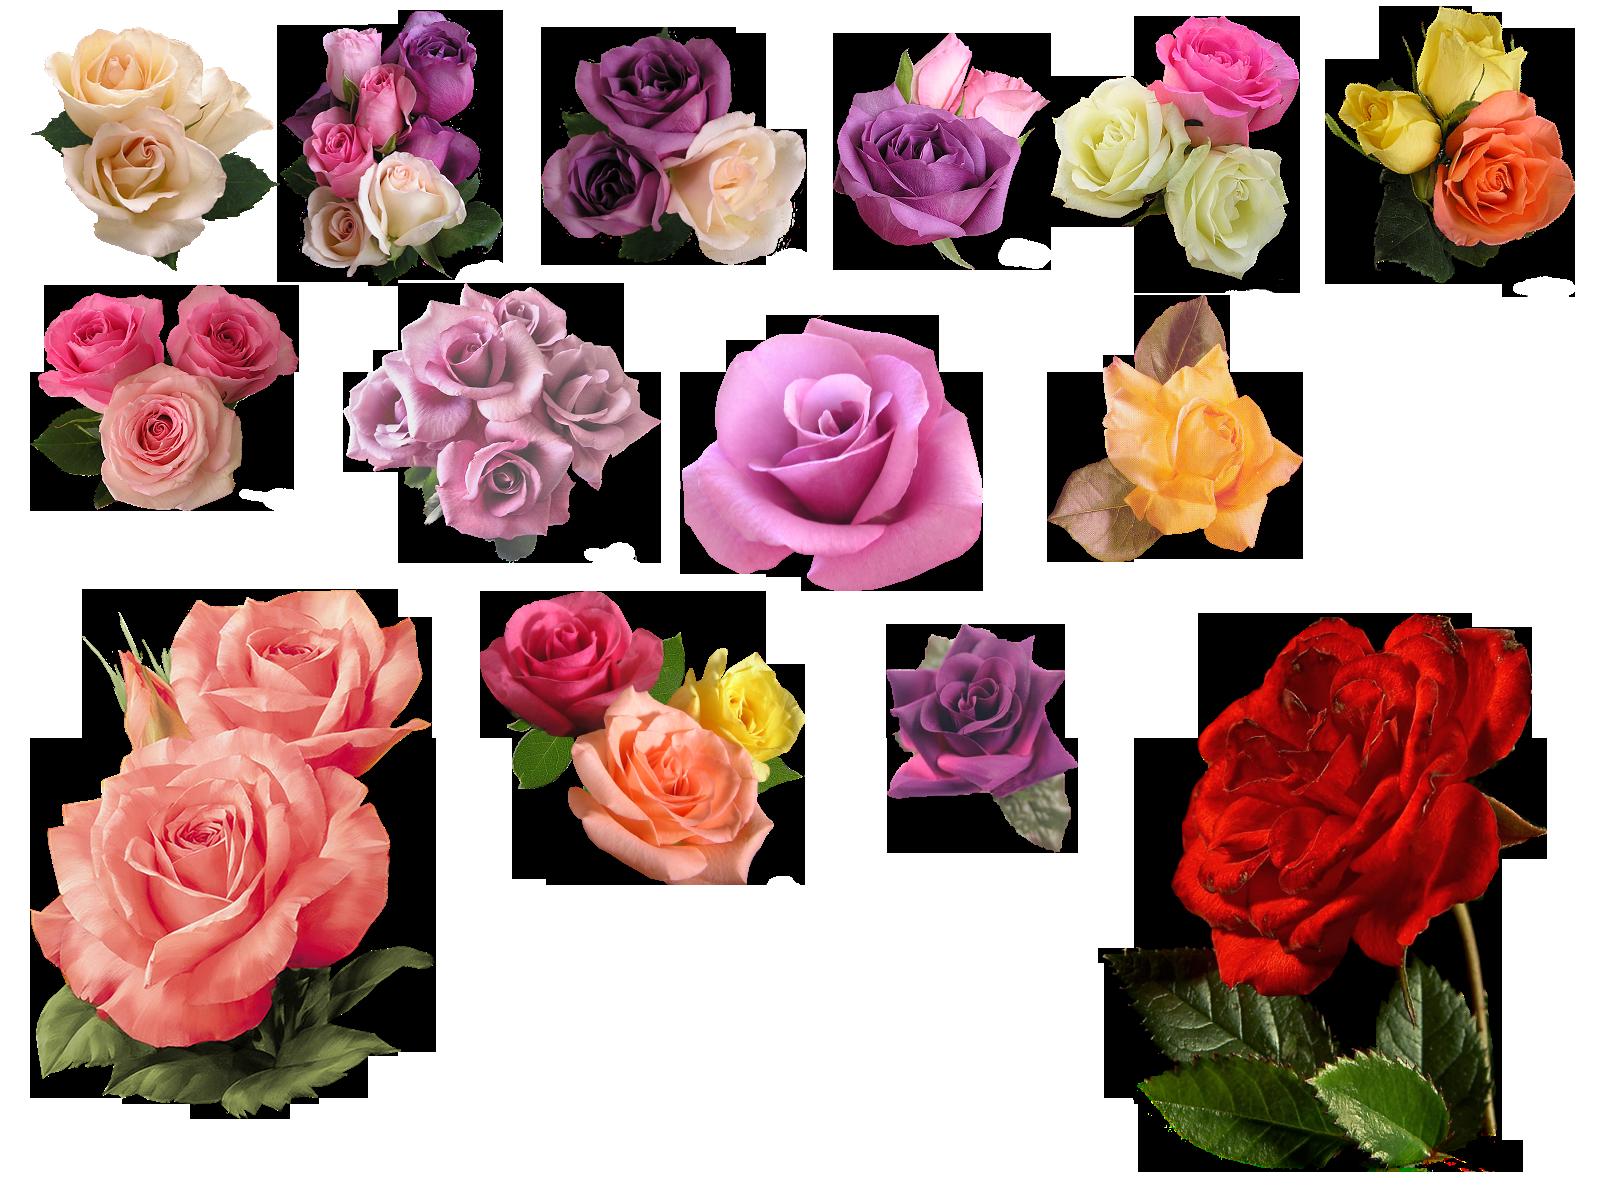 основном это псд исходники картинки розы повесившегося человека